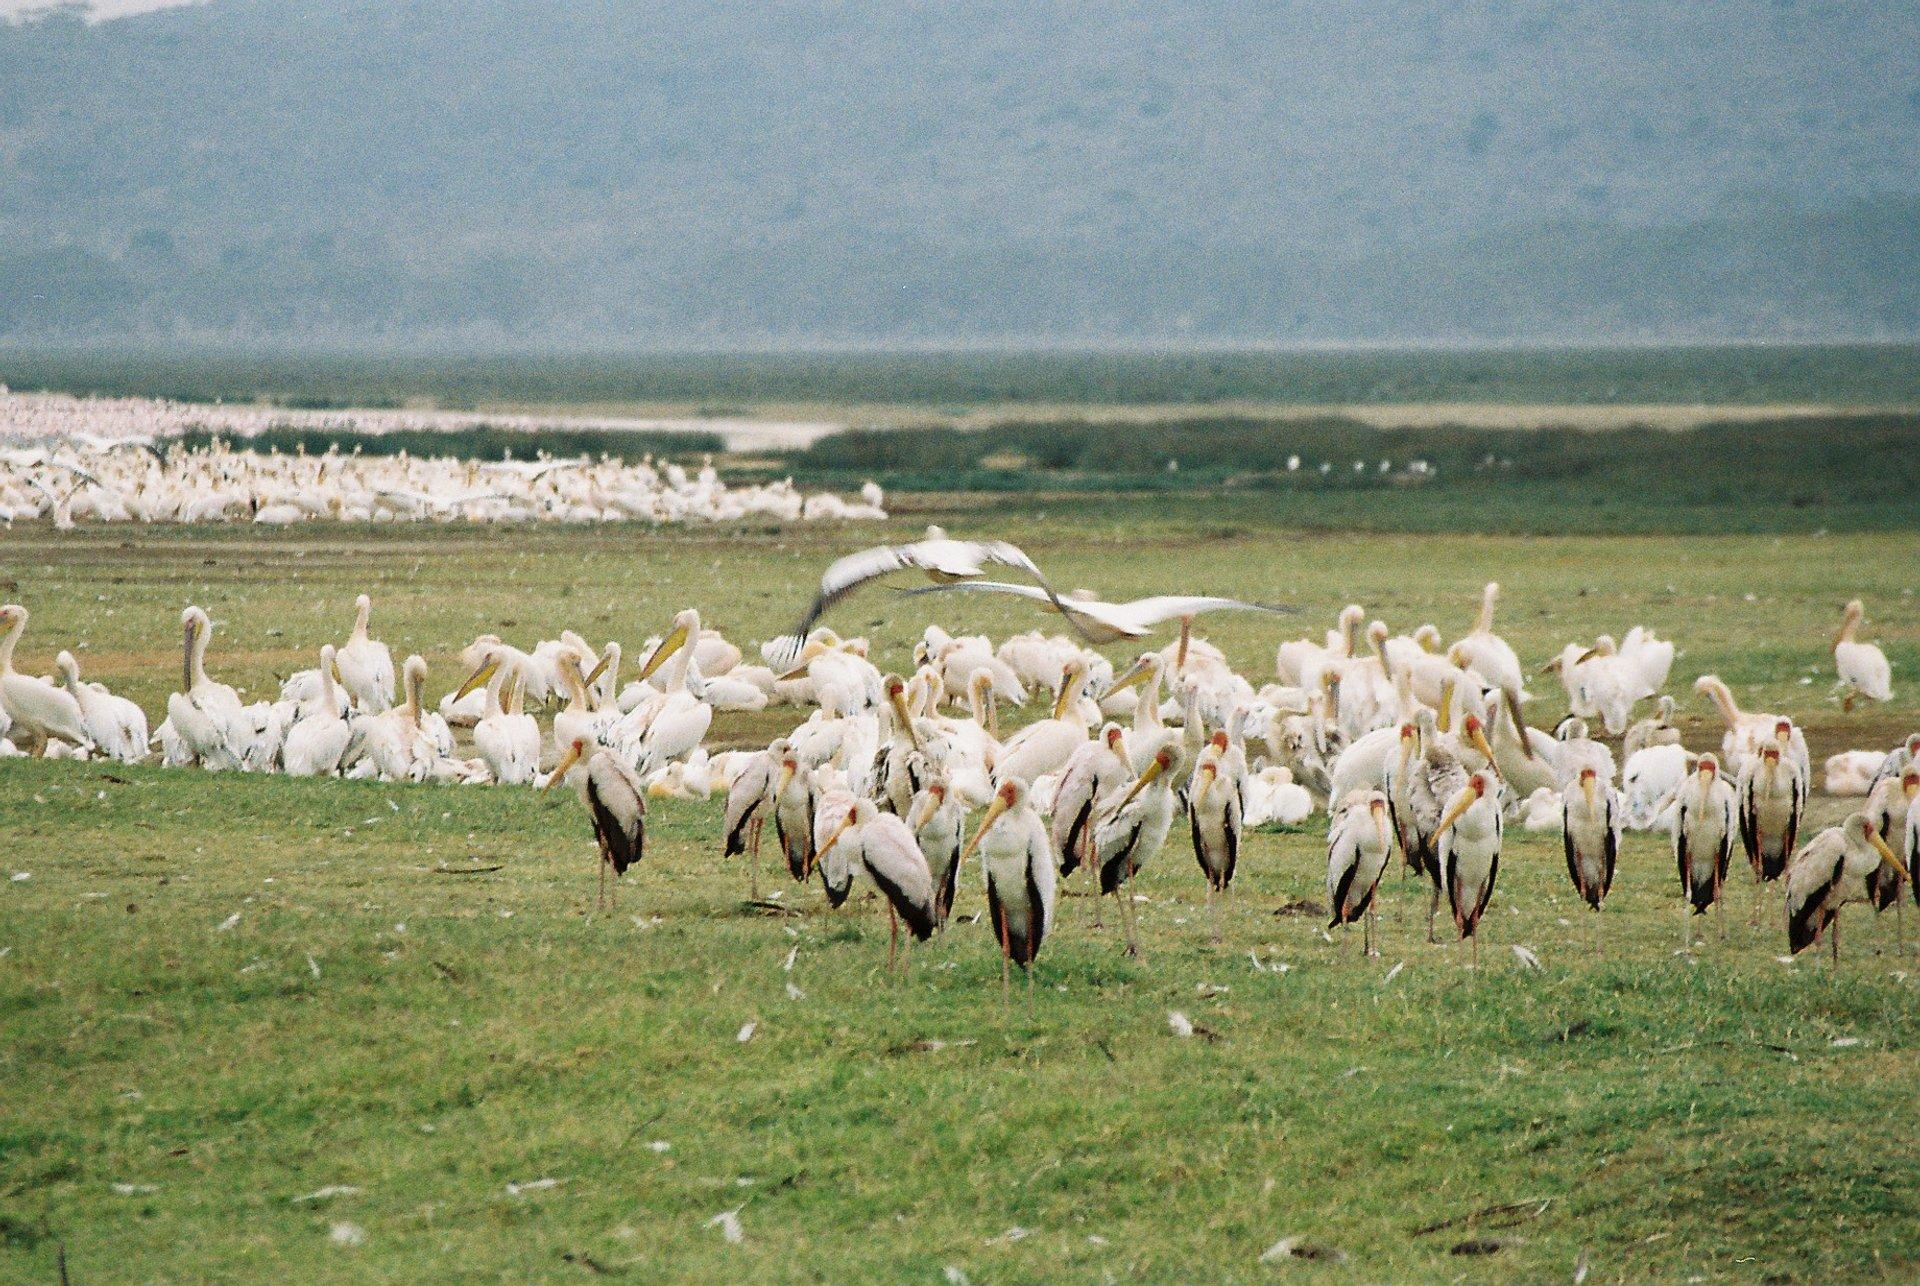 Birding at Great Rift Valley in Kenya - Best Season 2019